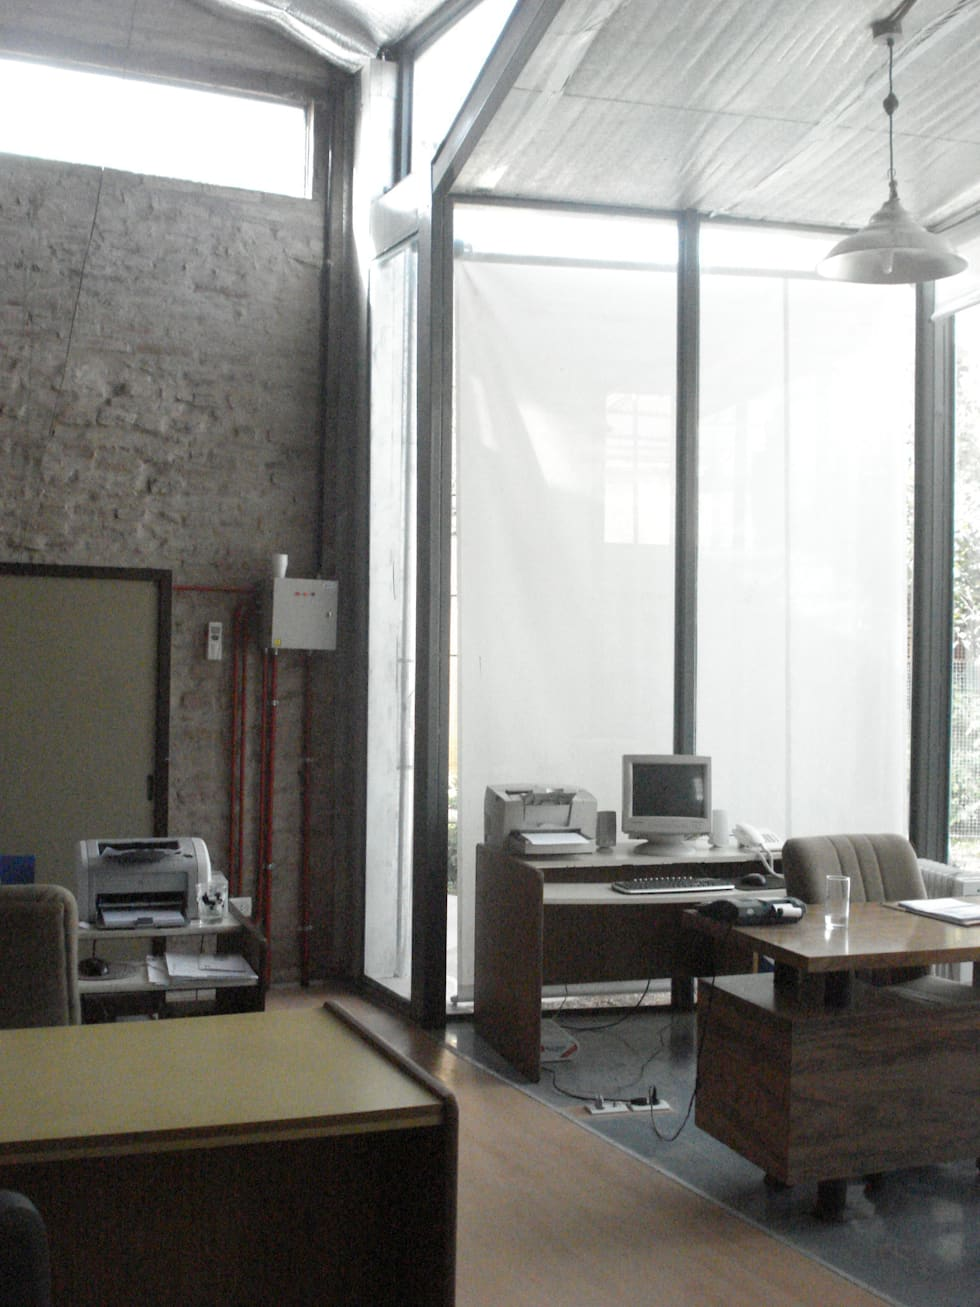 limpiez y claridad: Estudios y oficinas de estilo moderno por CRISTINA FORNO